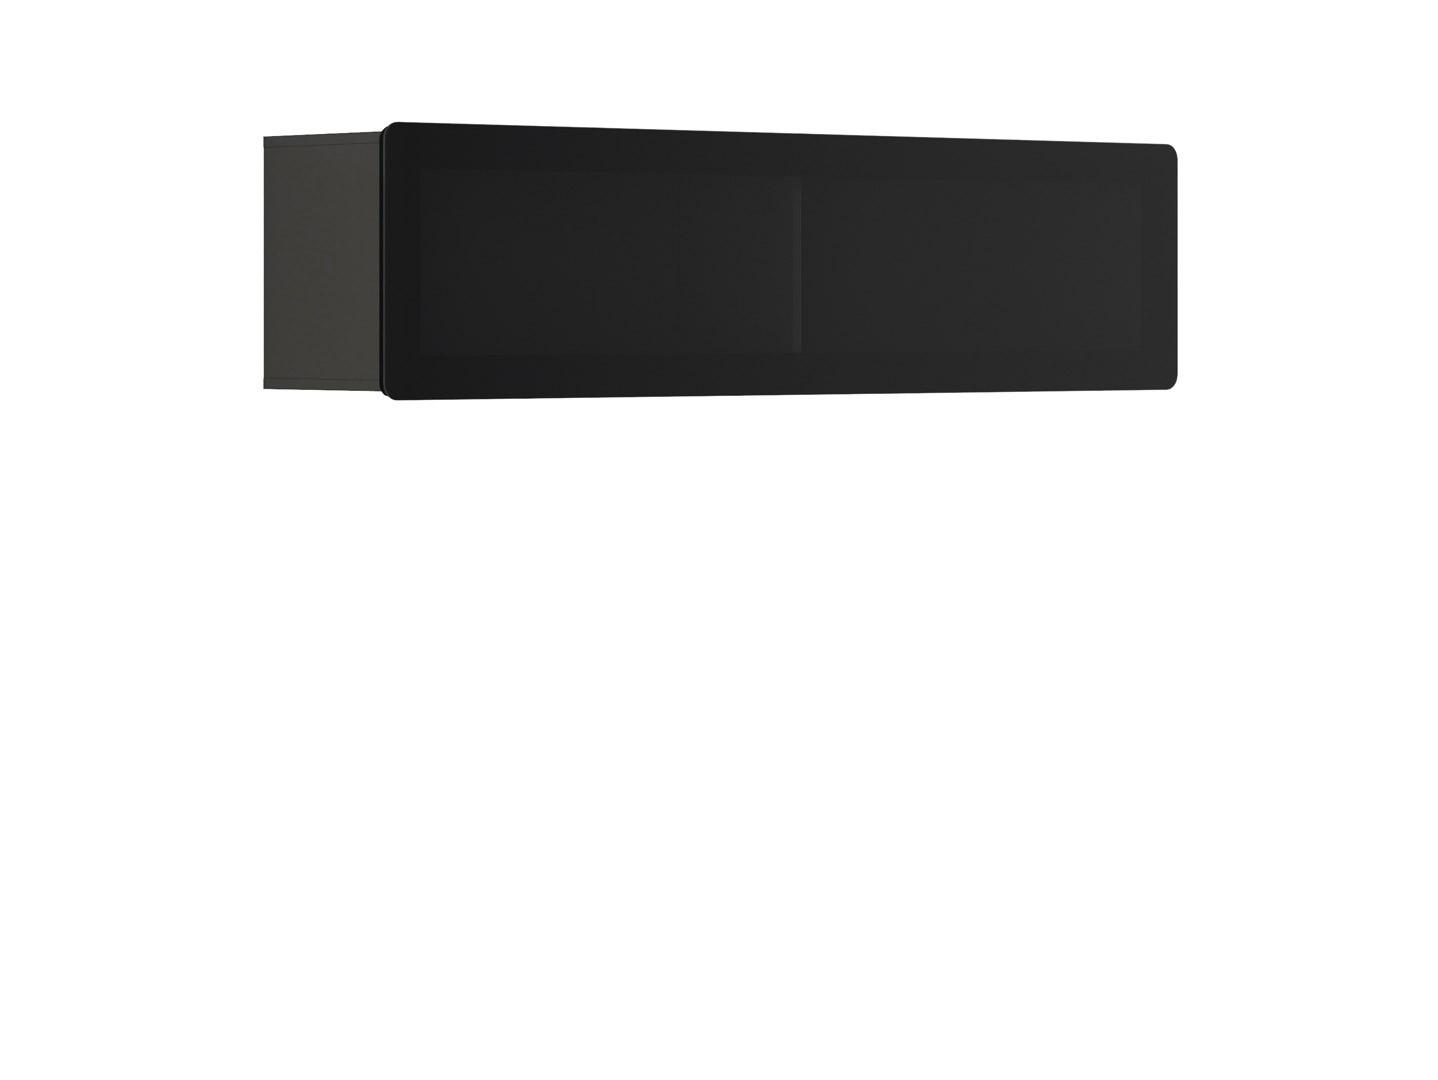 Vitrína na zeď - BRW - Possi Light - SFW1WK/4/16 (šedý wolfram) (s osvětlením)